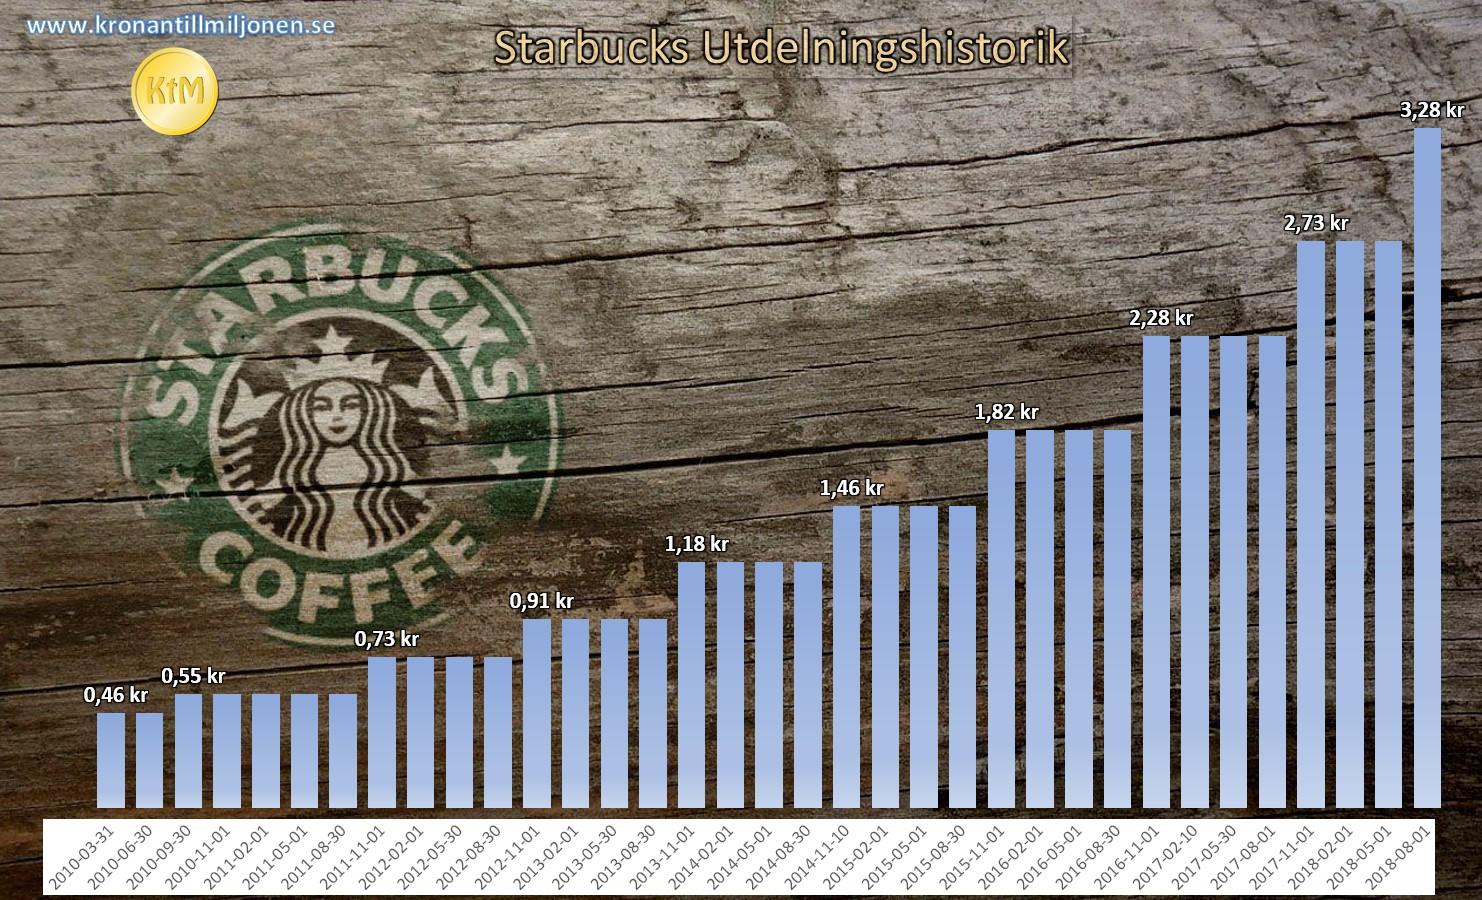 Senast höjdes utdelningen i Starbucks med 20%